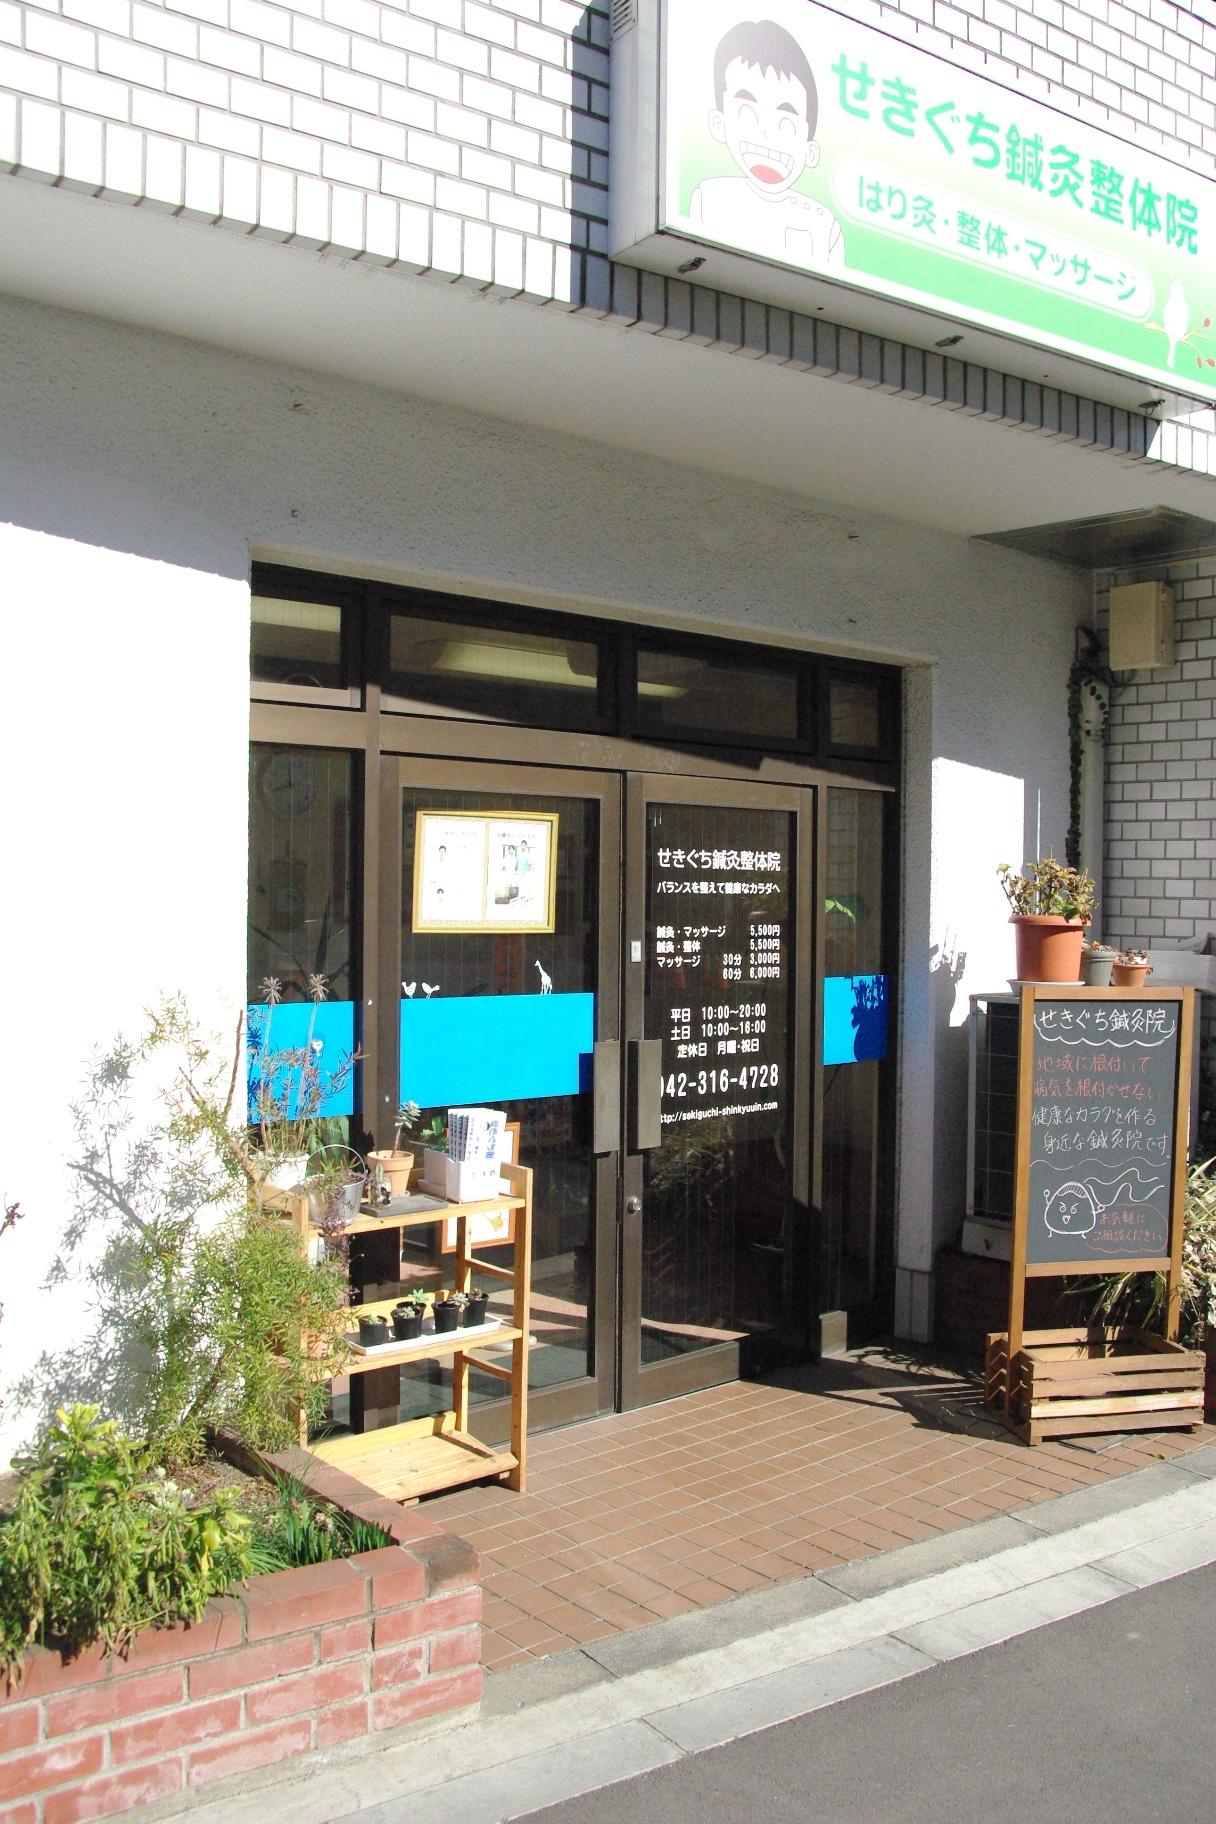 武蔵小金井井|せきぐち鍼灸整体院|外観